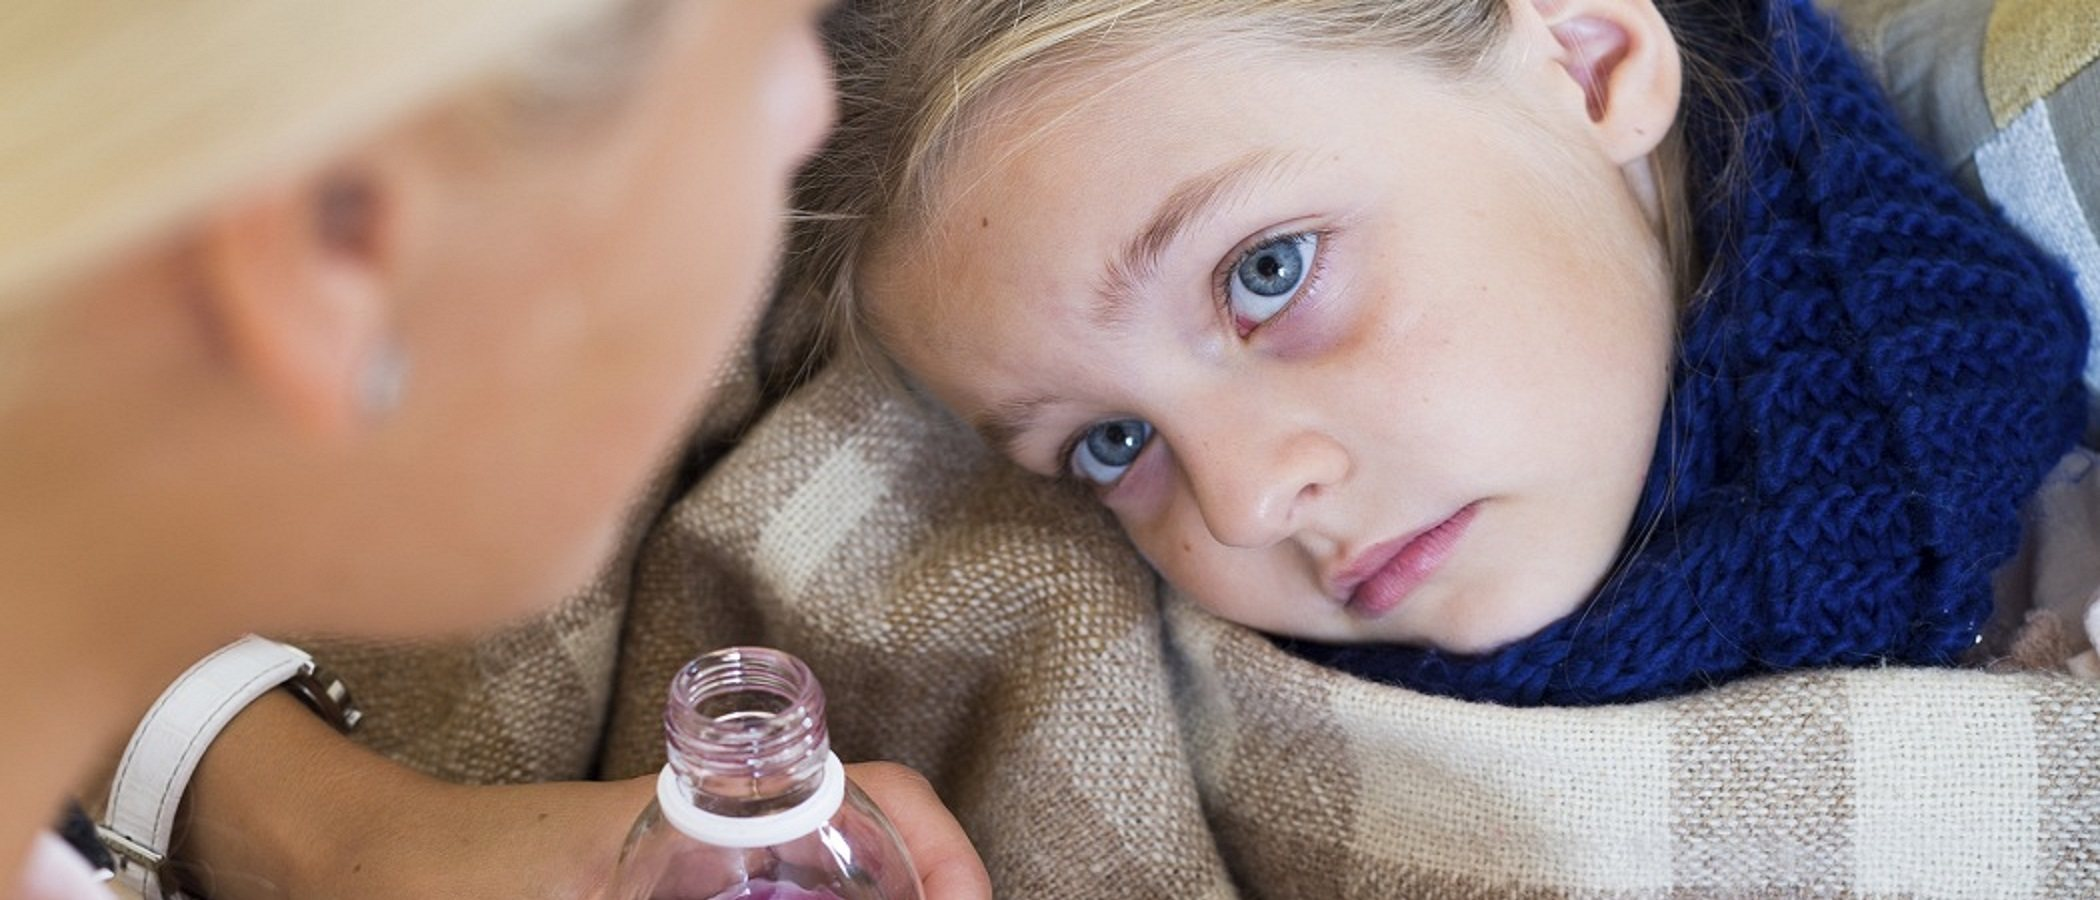 Remedios naturales para la amigdalitis en niños